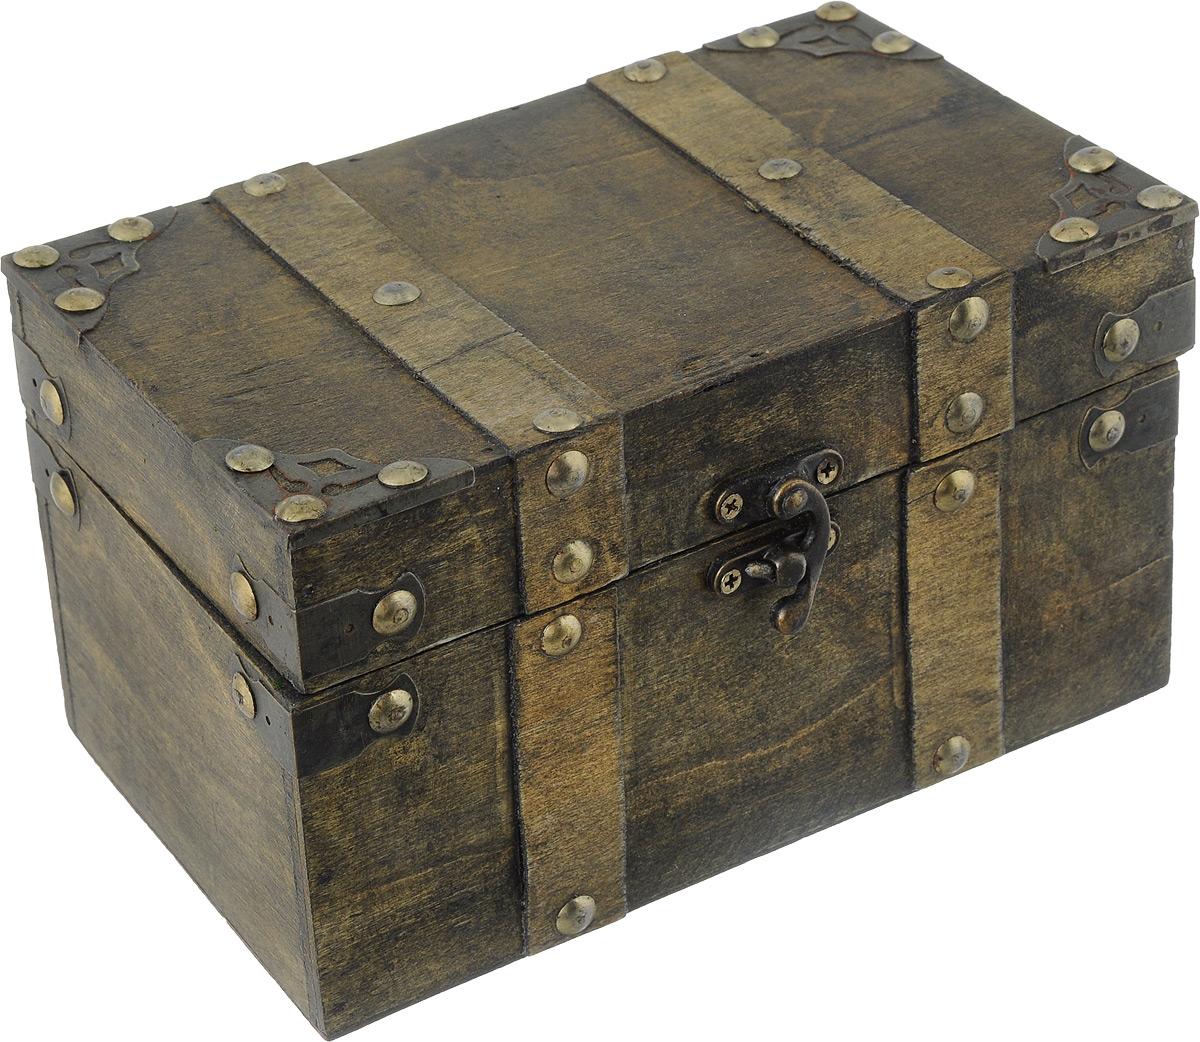 Шкатулка декоративная Bestex, 19 х 11,5 х 11 см7716744Декоративная шкатулка Bestex, выполненная в виде старинного сундука, идеально подойдет для хранения бижутерии, принадлежностей для шитья, различных мелочей и безделушек. Изделие выполнено из МДФ и декорировано металлическими элементами. Закрывается на металлический курковый замок. Такая шкатулка станет отличным подарком человеку, ценящему необычные и стильные аксессуары.